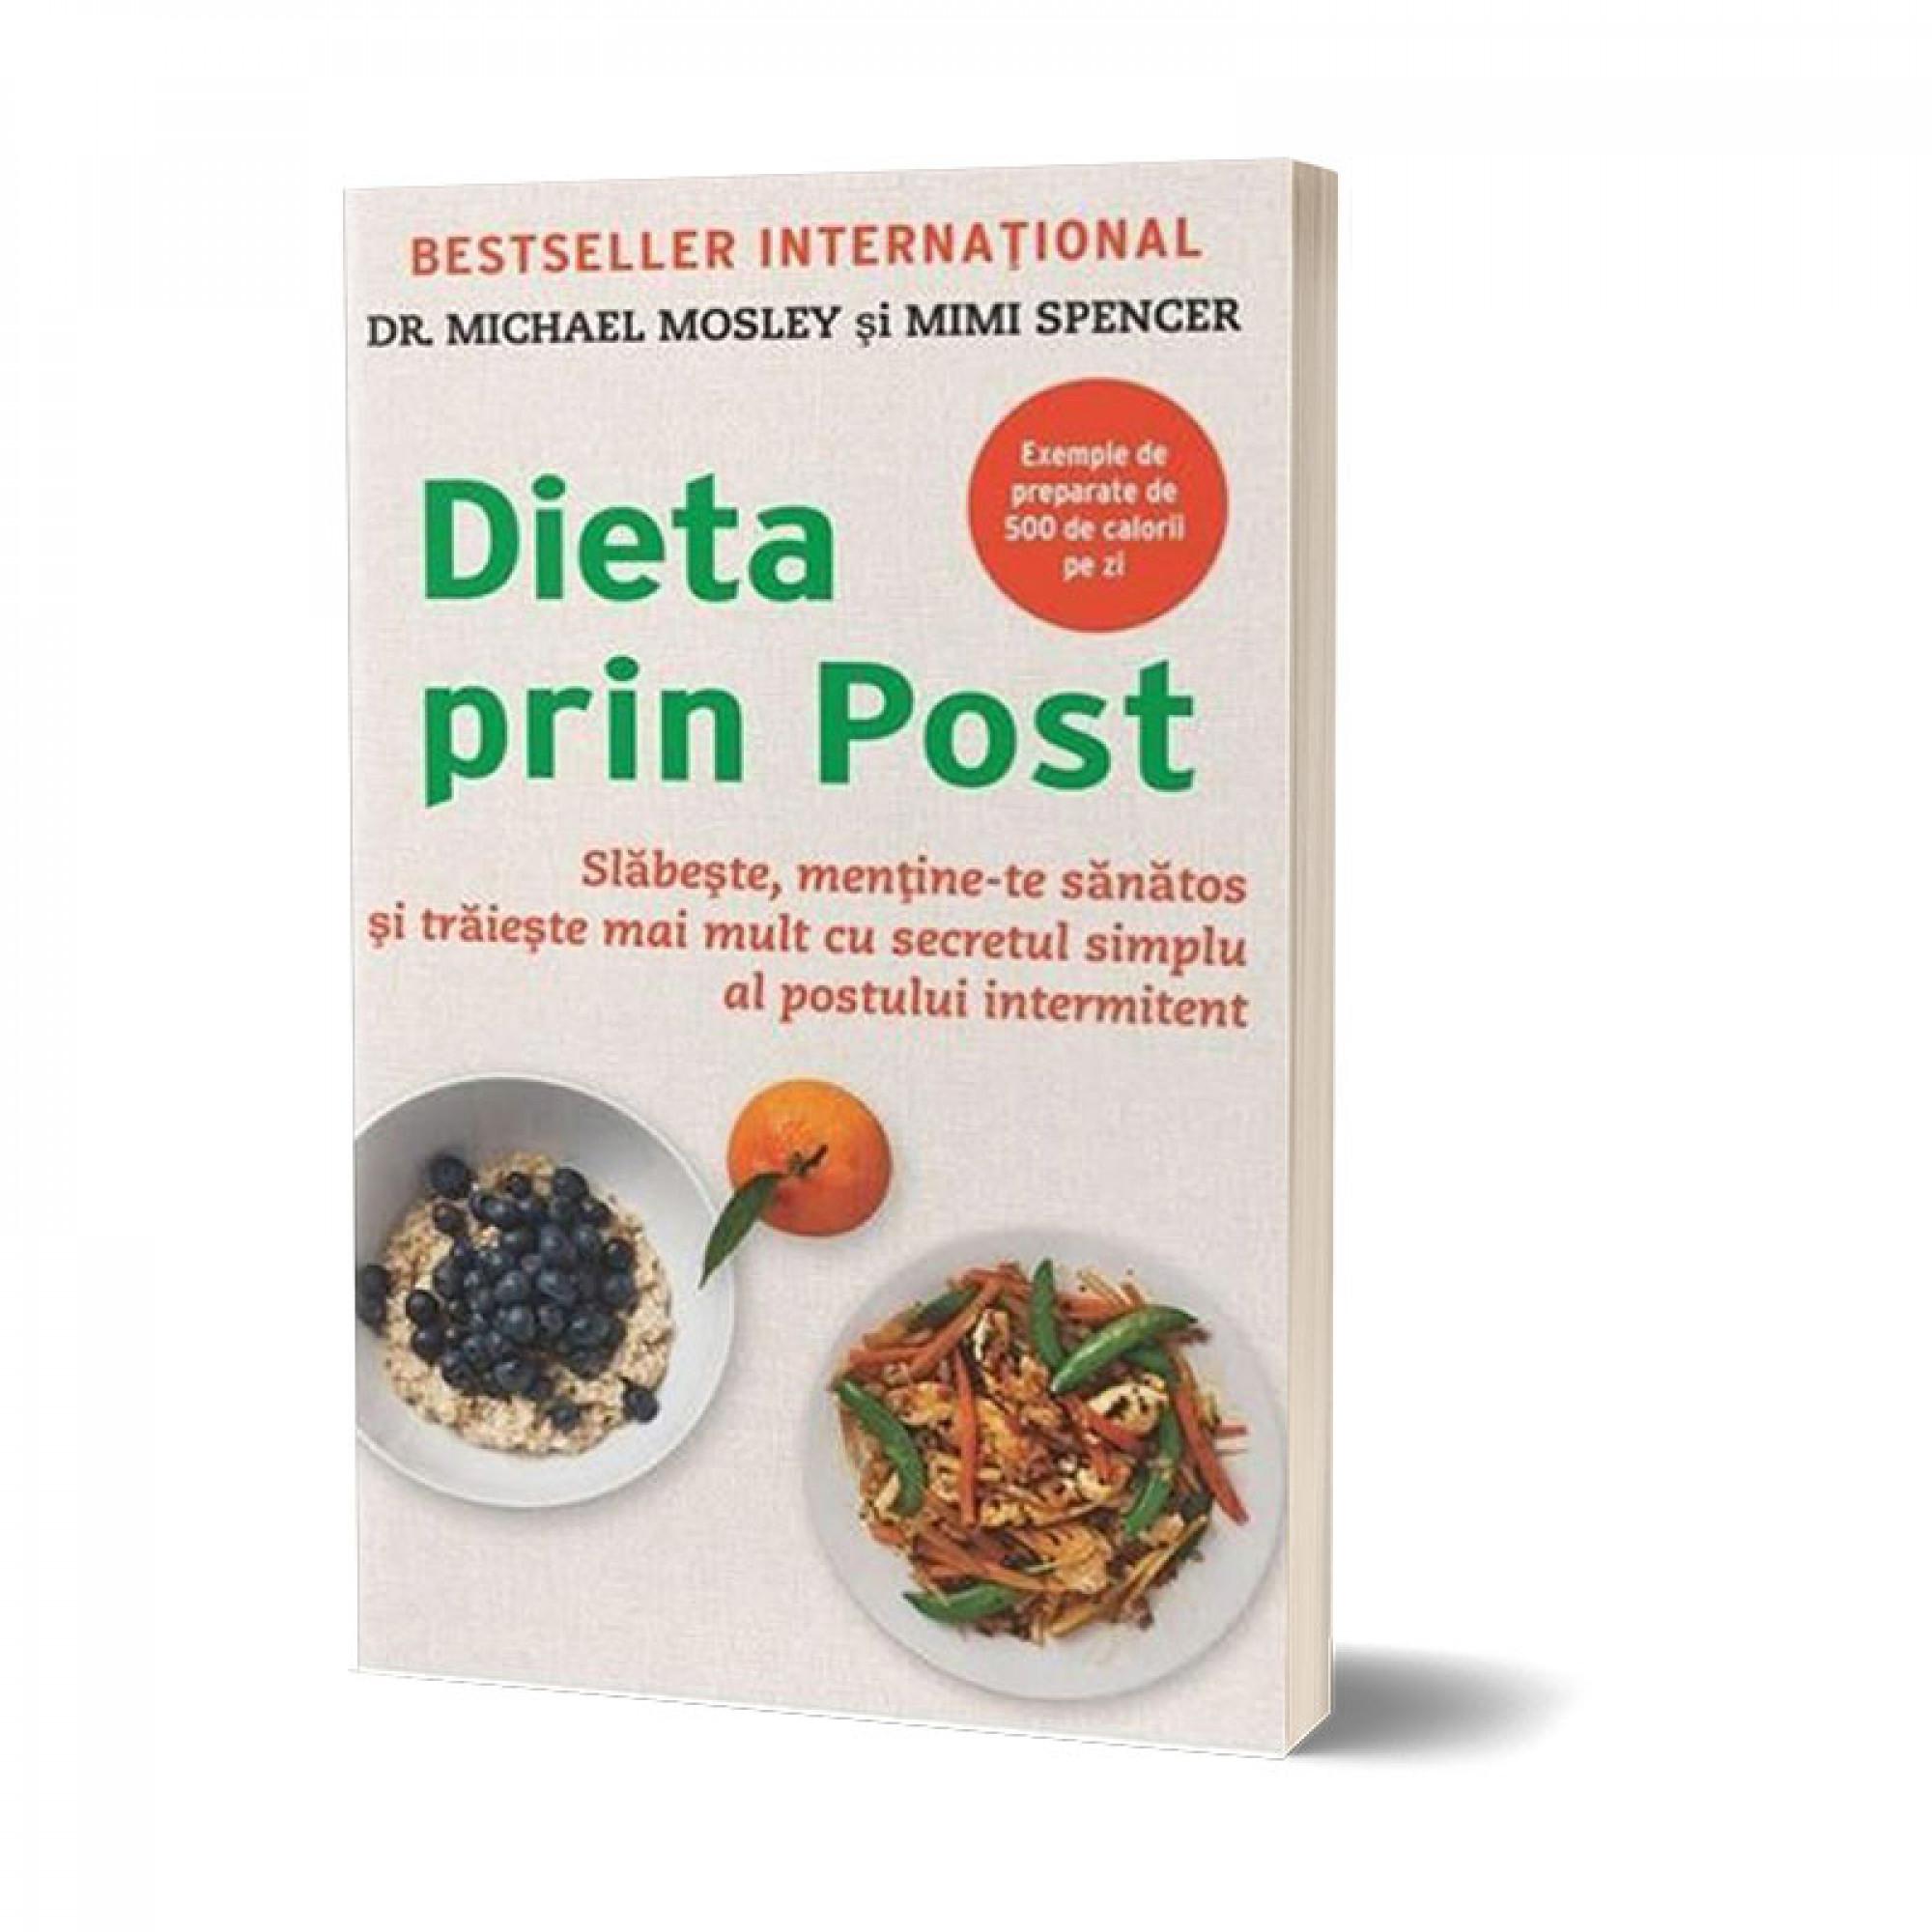 Dieta prin post. Slăbește, menține-te sănătos și trăiește mai mult cu secretul simplu al postului intermitent